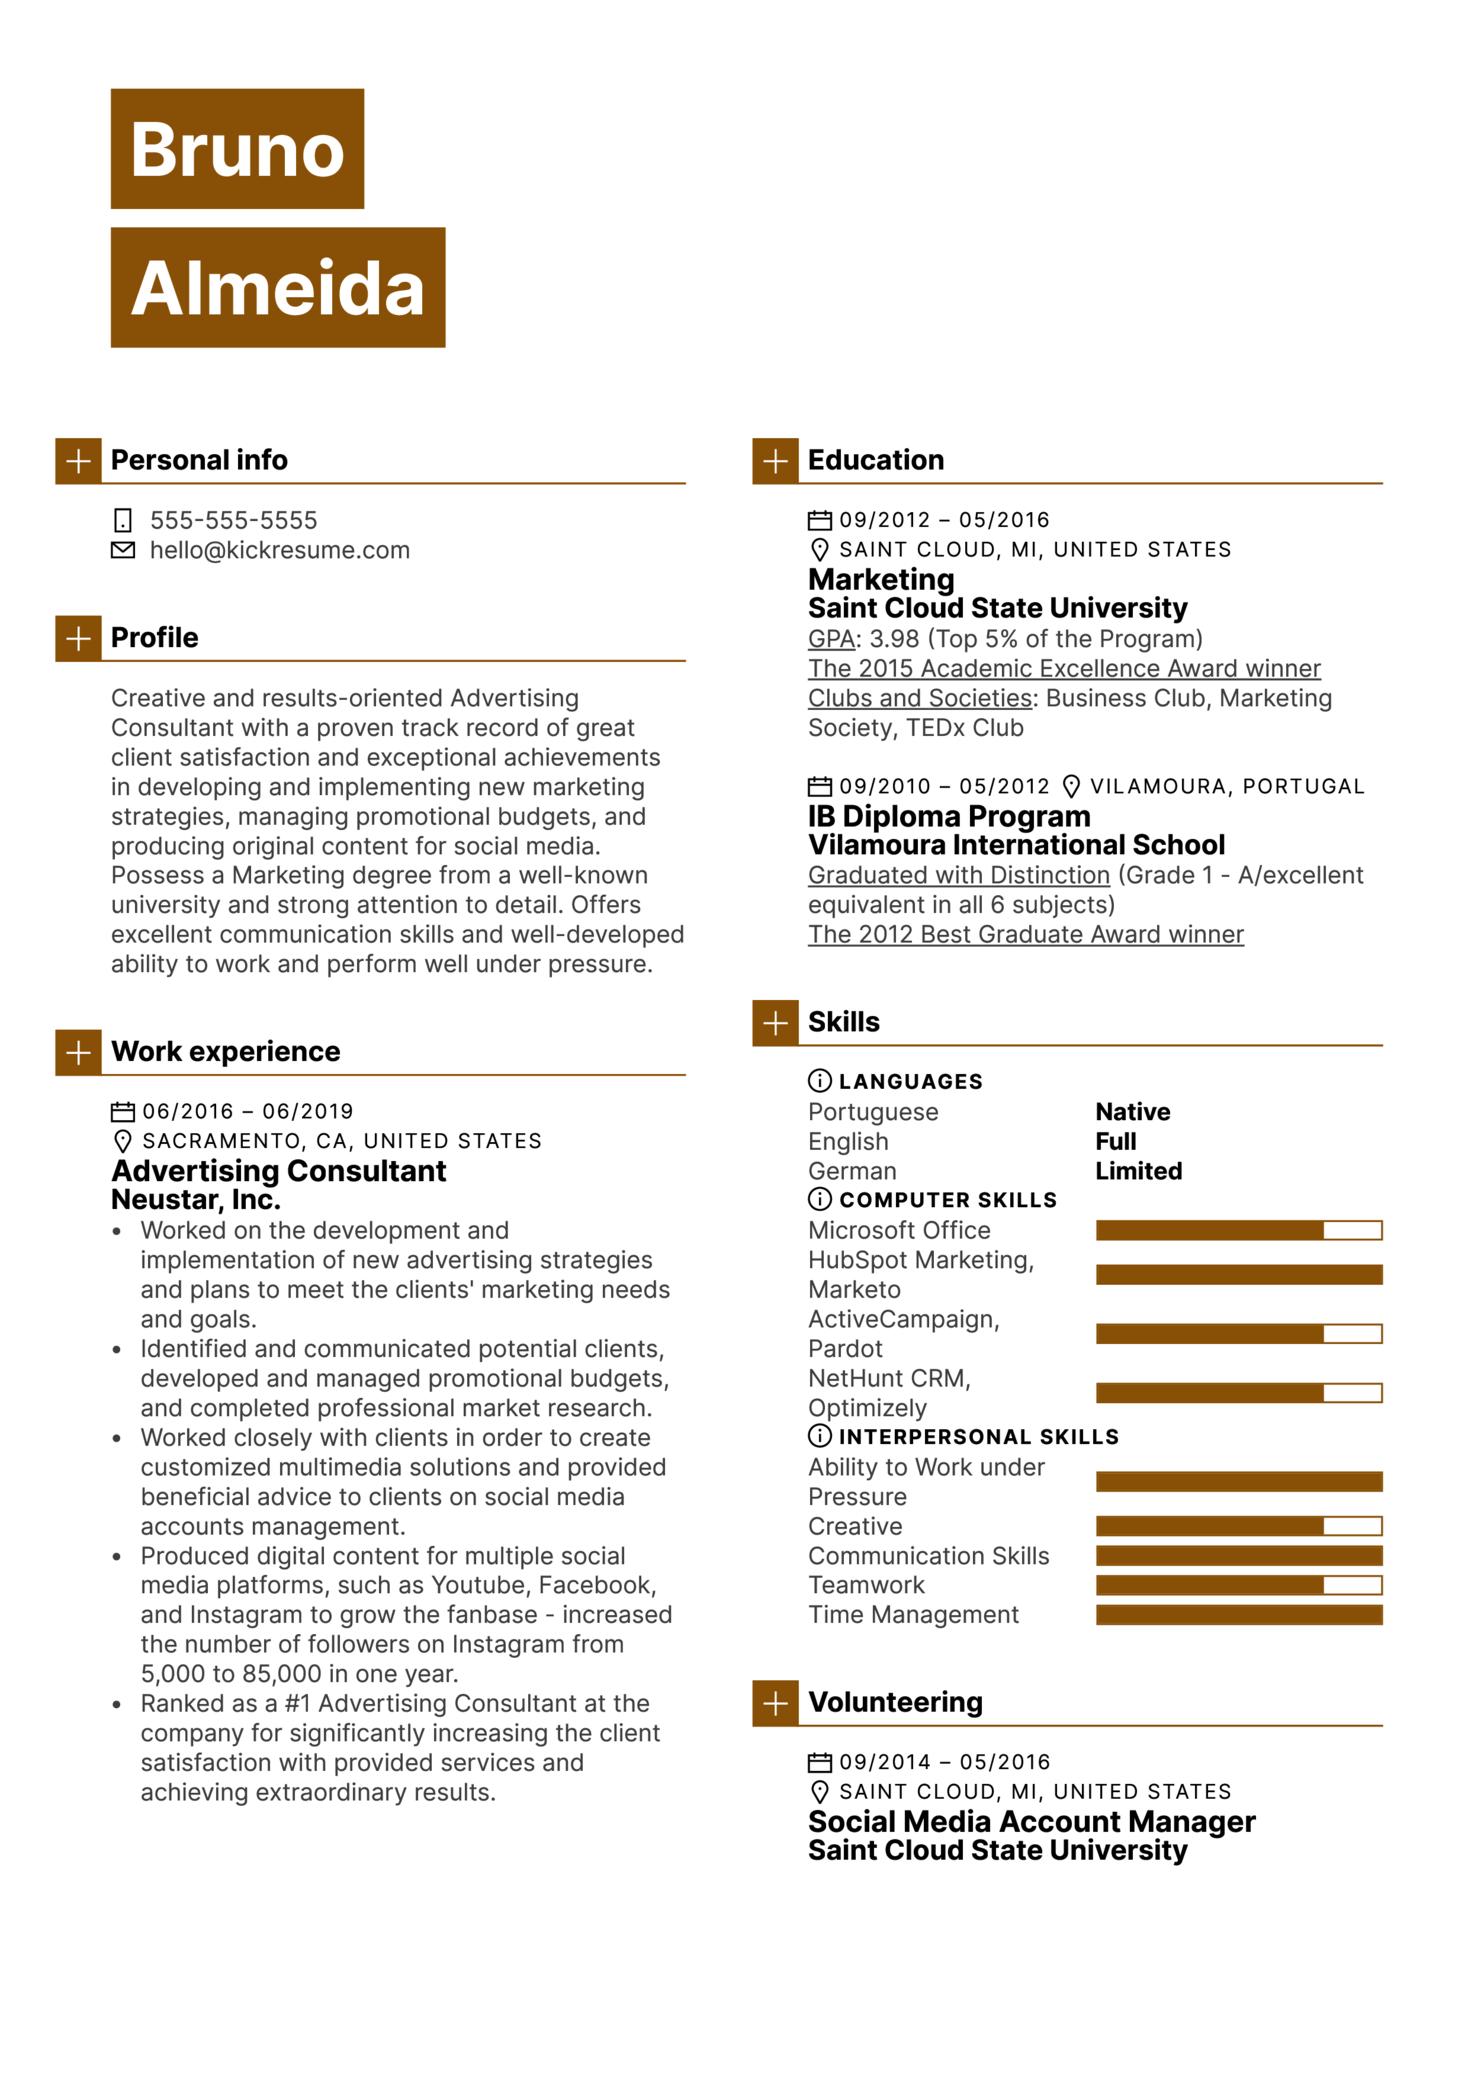 Advertising Consultant Resume Example (Parte 1)